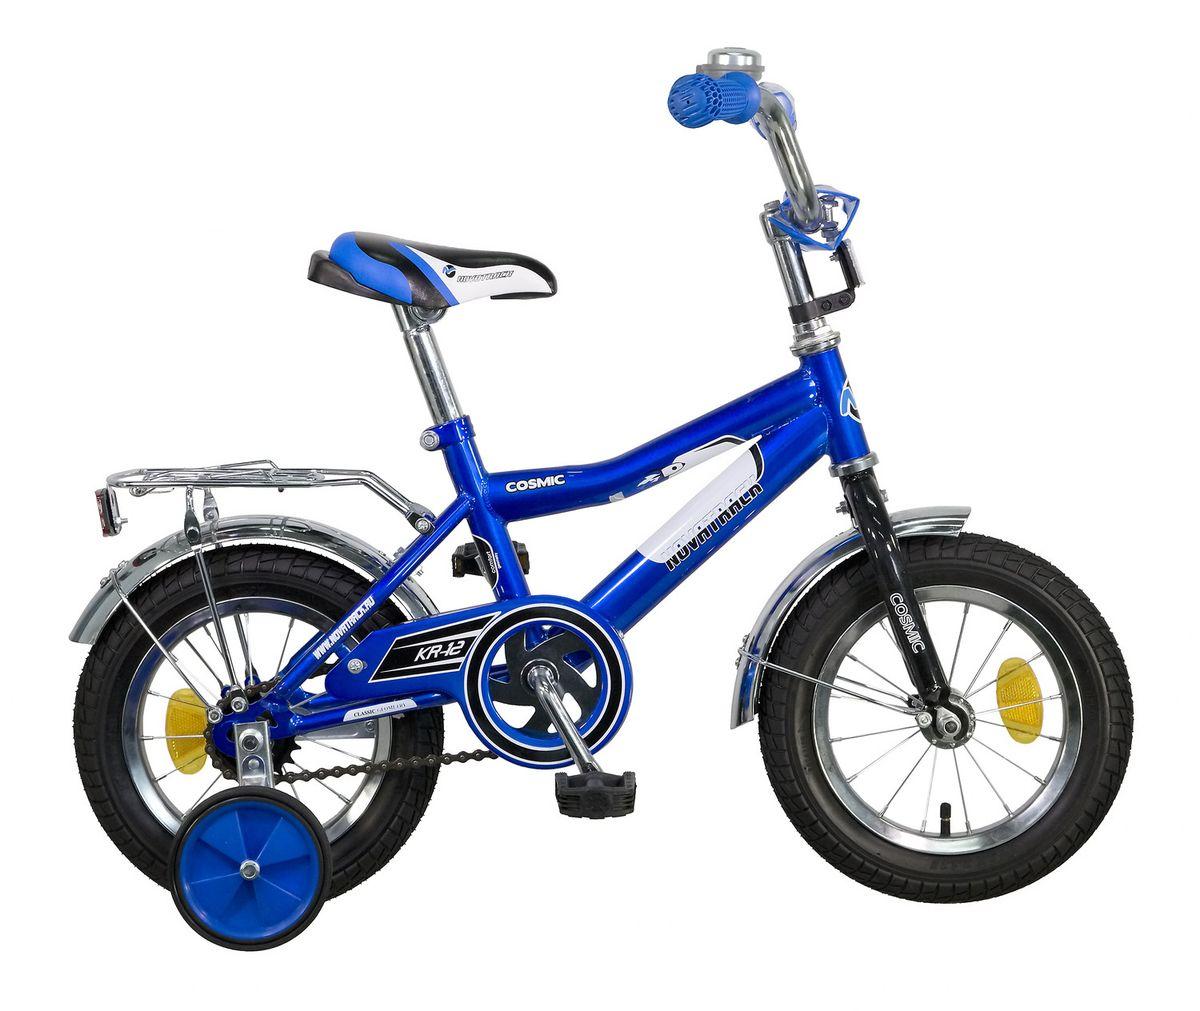 Велосипед детский Novatrack Cosmic 12, цвет: синий123COSMIC.BL5Велосипед Novatrack Cosmic 12 - это абсолютно необходимая вещь для детей от 2 до 4 лет. В этом возрасте у ребят очень большой уровень энергии, которую необходимо выплескивать с пользой для организма, да и кто же по доброй воле откажется от велосипеда, тем более такого, как Cosmic!Велосипед полностью укомплектован и обязательно понравится маленькому велосипедисту. Рама у велосипеда - стальная и очень прочная. Сиденье и руль регулируются по высоте и надежно фиксируются. Ножной задний тормоз не подведет ни на спуске, ни при экстренном торможении. В целях безопасности велосипед оснащен ограничителем руля, который убережет велосипед от опрокидывания при резком повороте.Дополнительную устойчивость железному коню обеспечивают два маленьких съемных колеса в цвет велосипеда. Не останутся незамеченными накладка на руль, яркие отражатели-катафоты, стильный звонок, защитный кожух для цепи, хромированный багажник, а также крылья, которые защитят от грязи и брызг.Какой велосипед выбрать? Статья OZON Гид